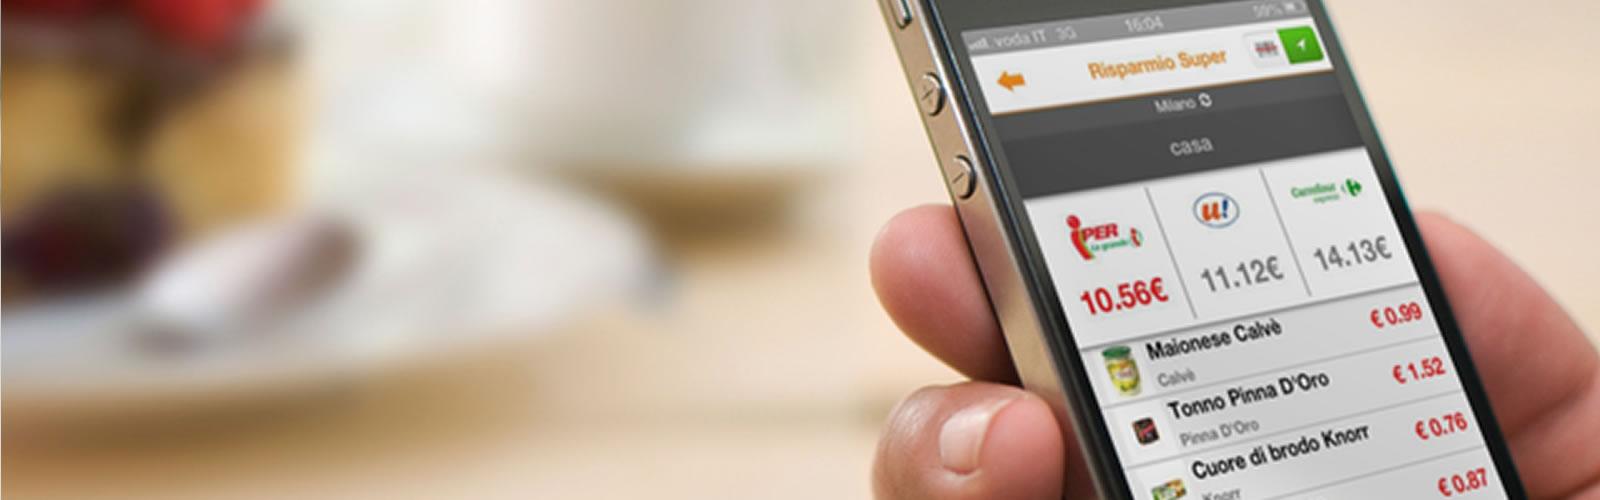 Risparmio Super, l'app che confronta i prezzi nei supermercati